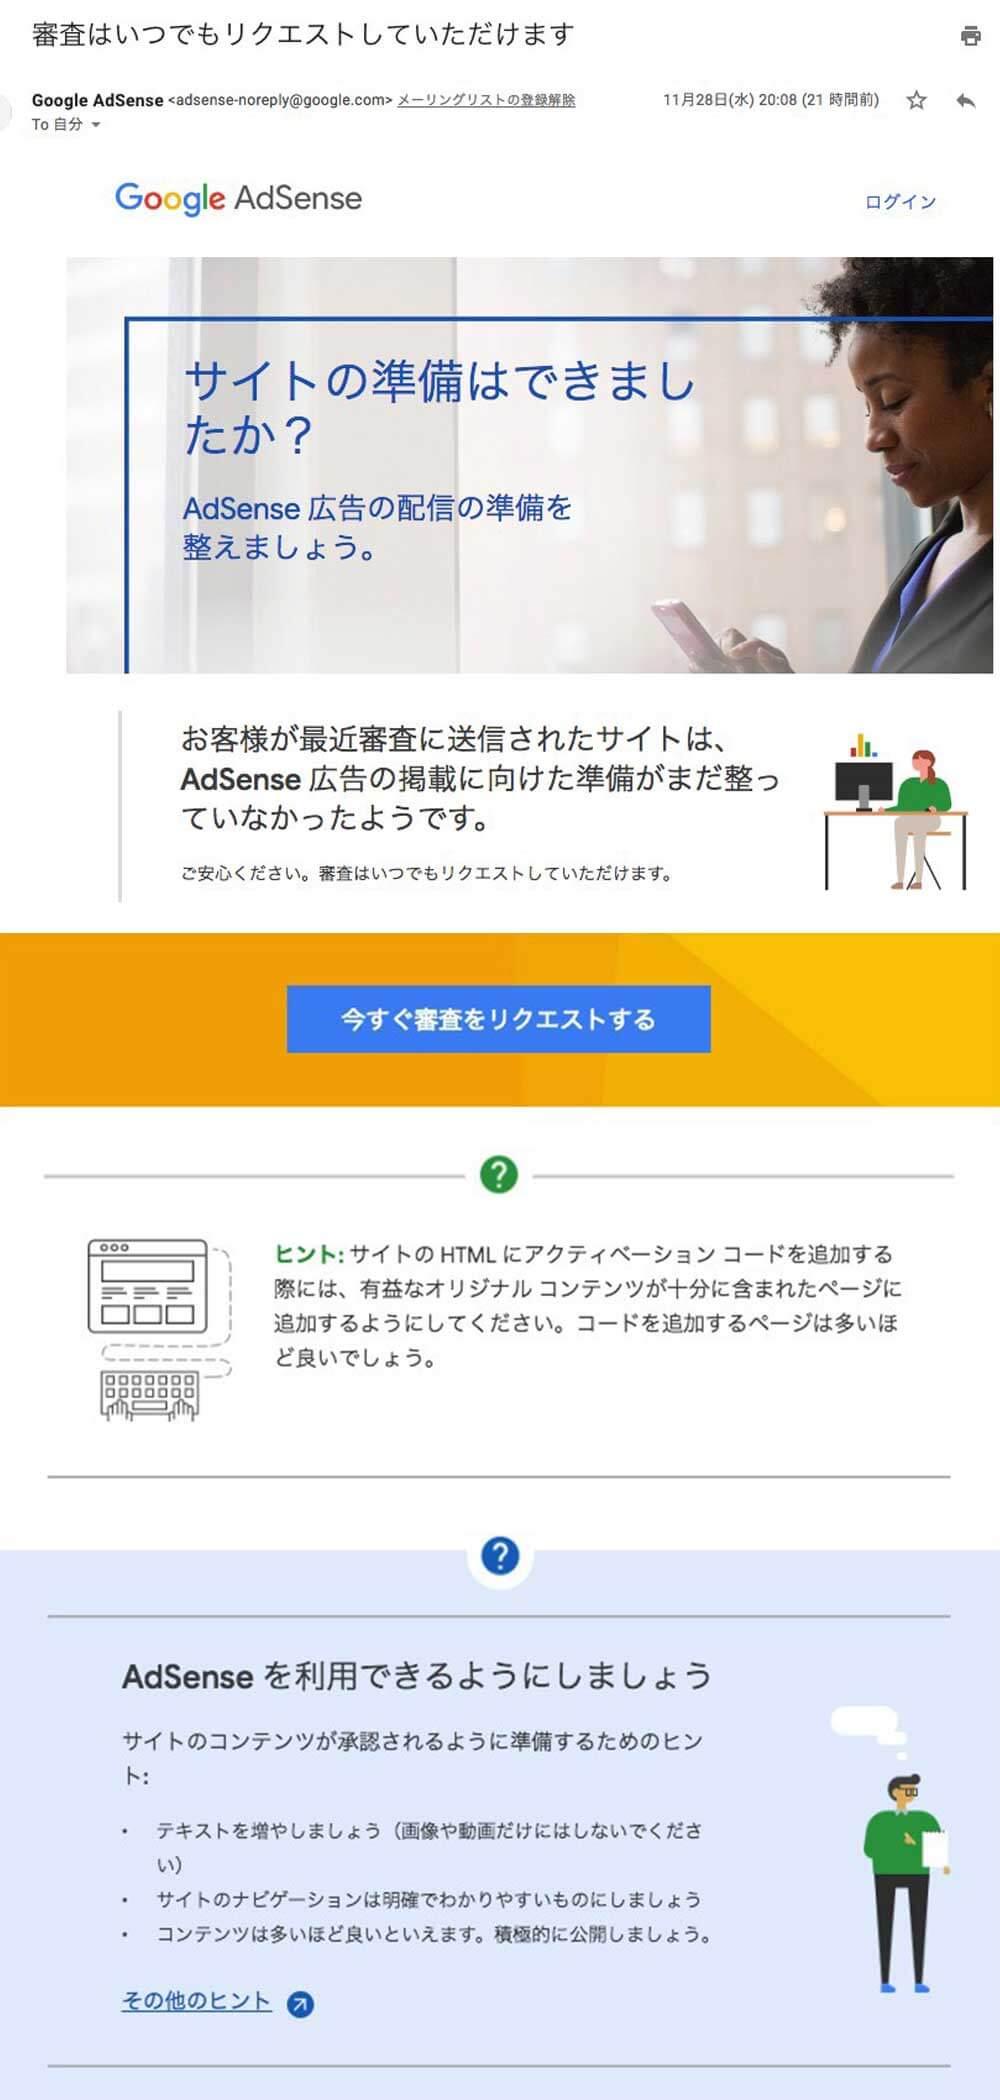 審査リクエストメール